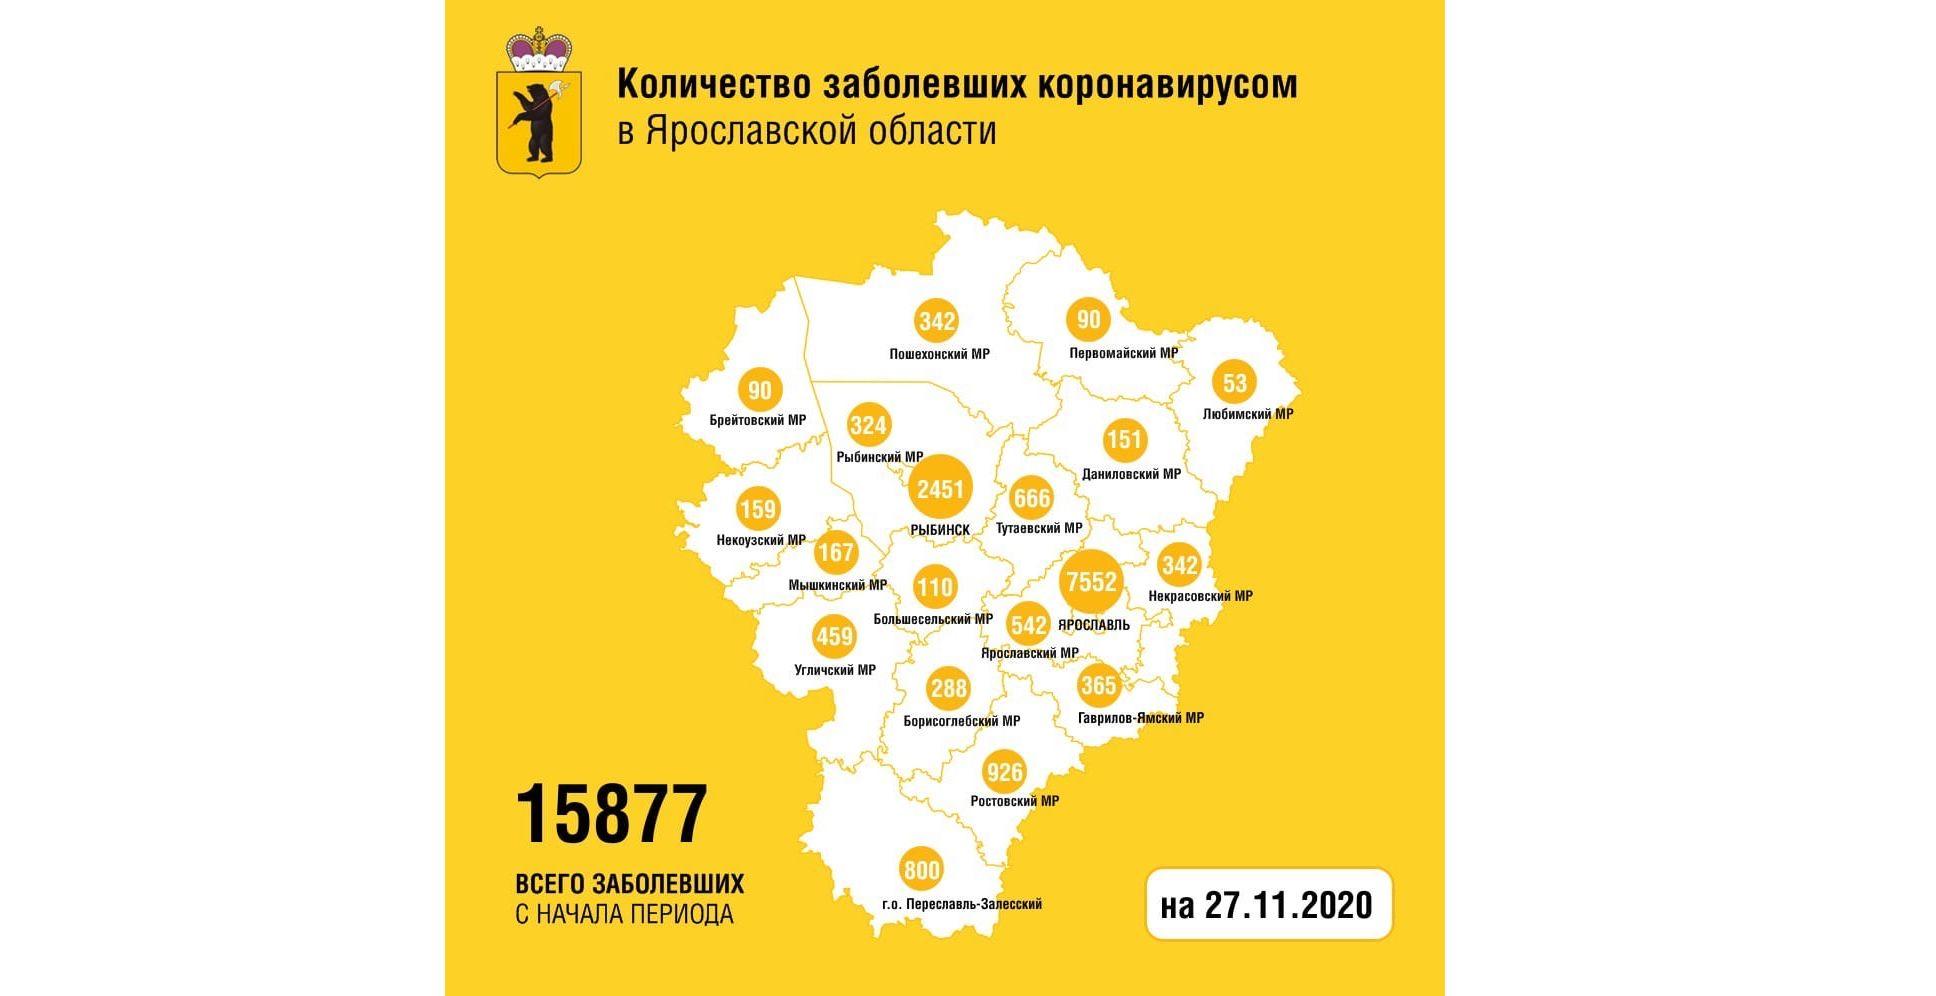 В Ярославской области еще 152 человека вылечили от коронавируса